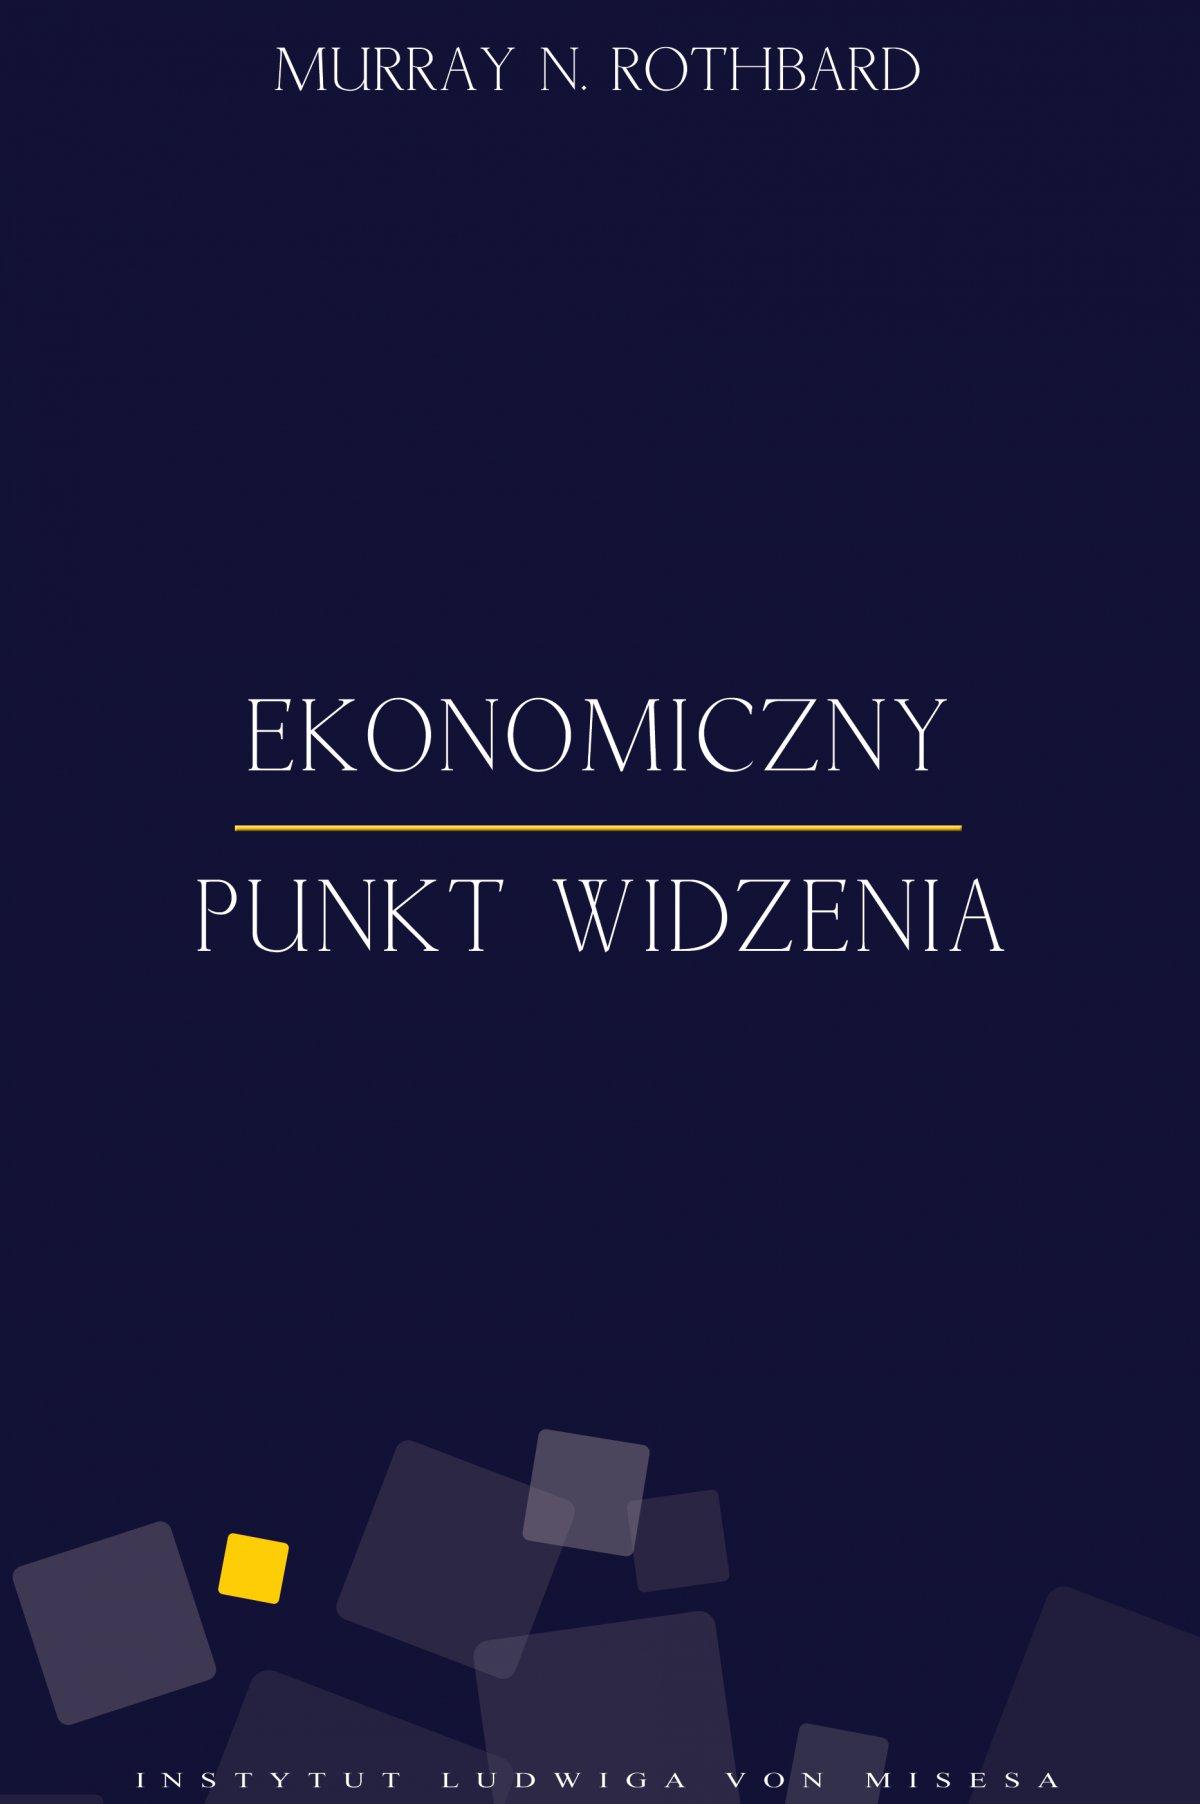 Ekonomiczny punkt widzenia - Ebook (Książka EPUB) do pobrania w formacie EPUB